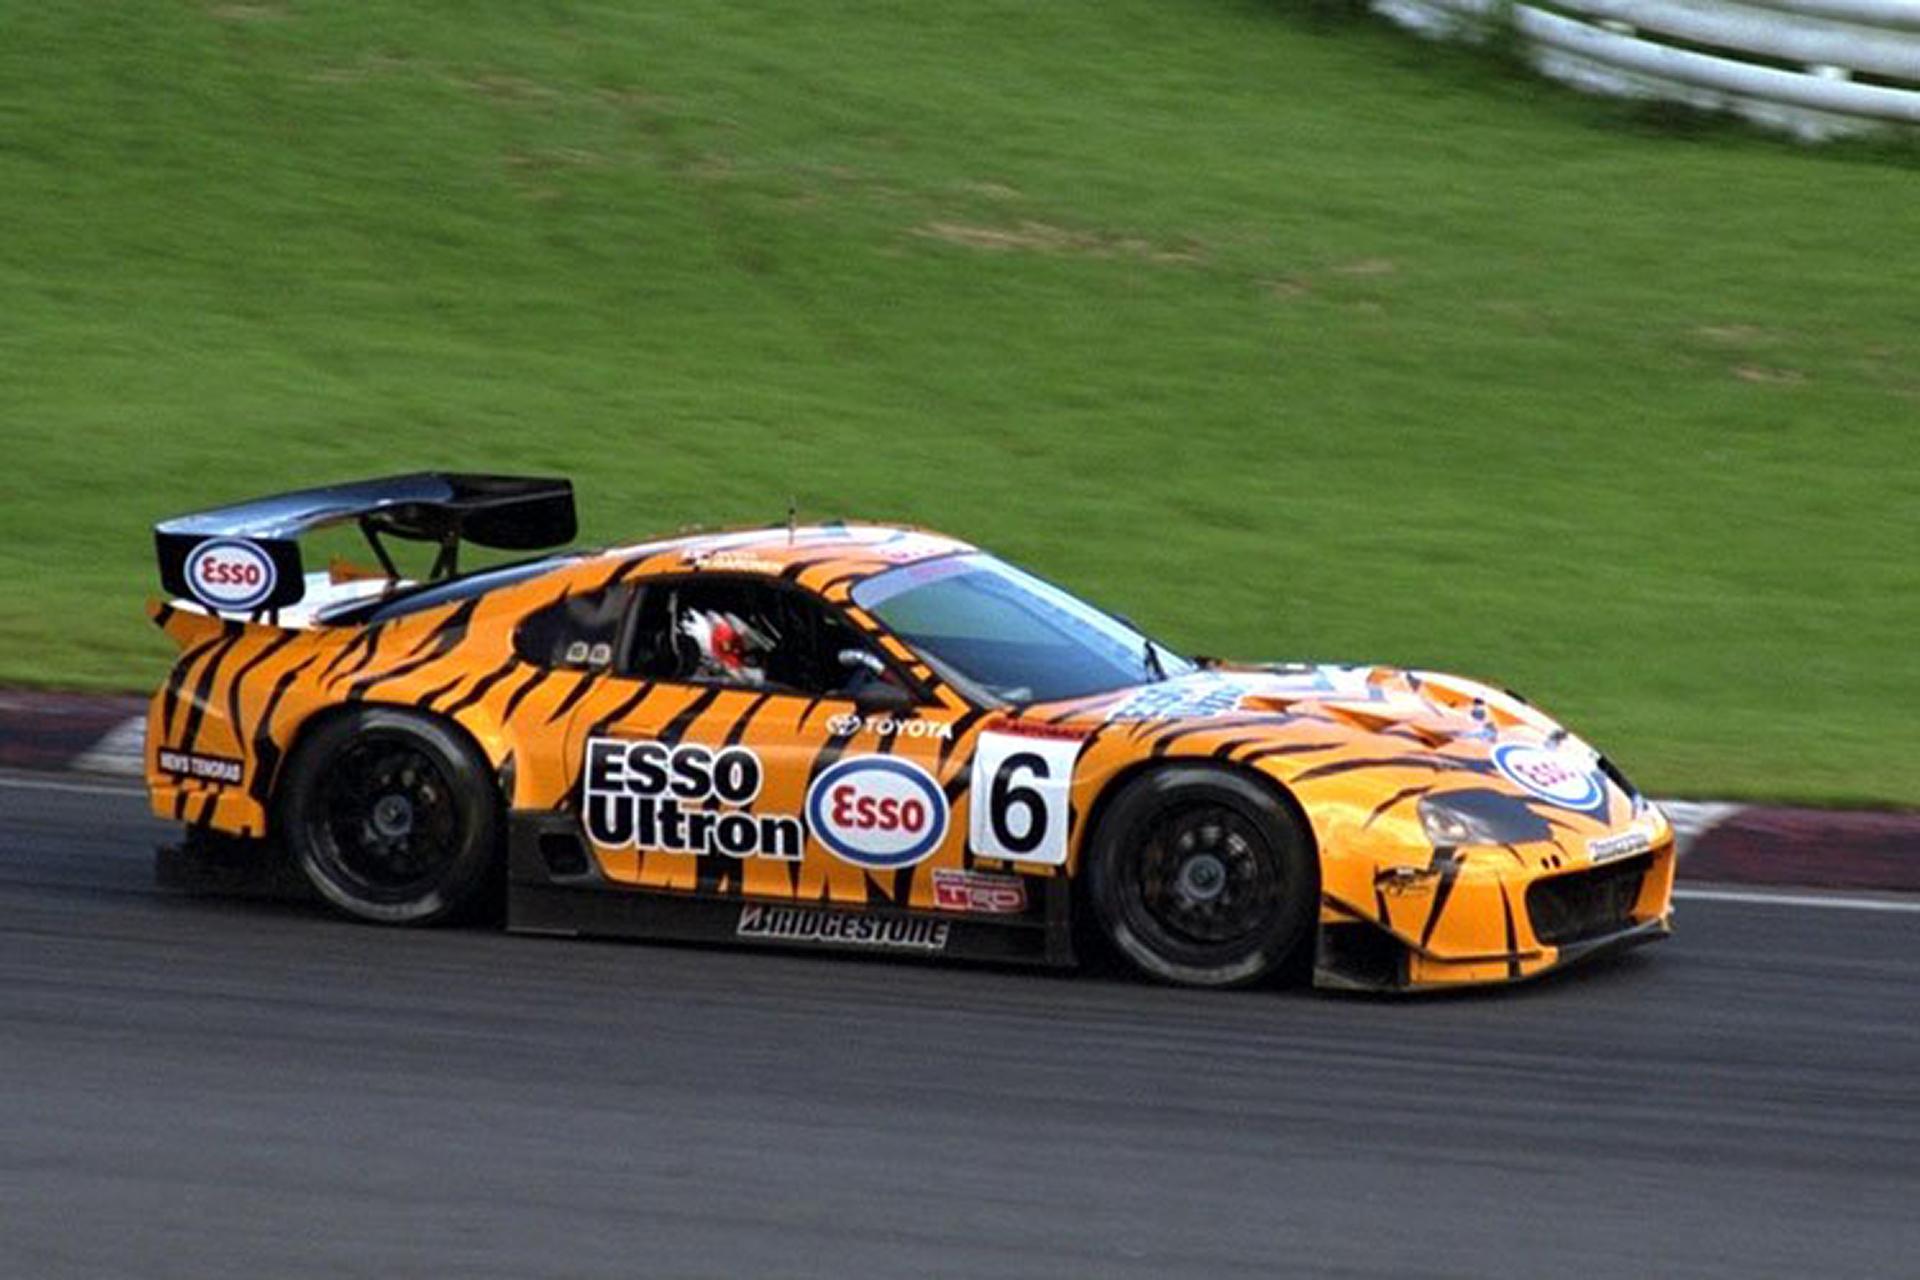 Toyota Esso Ultron Tiger Supra